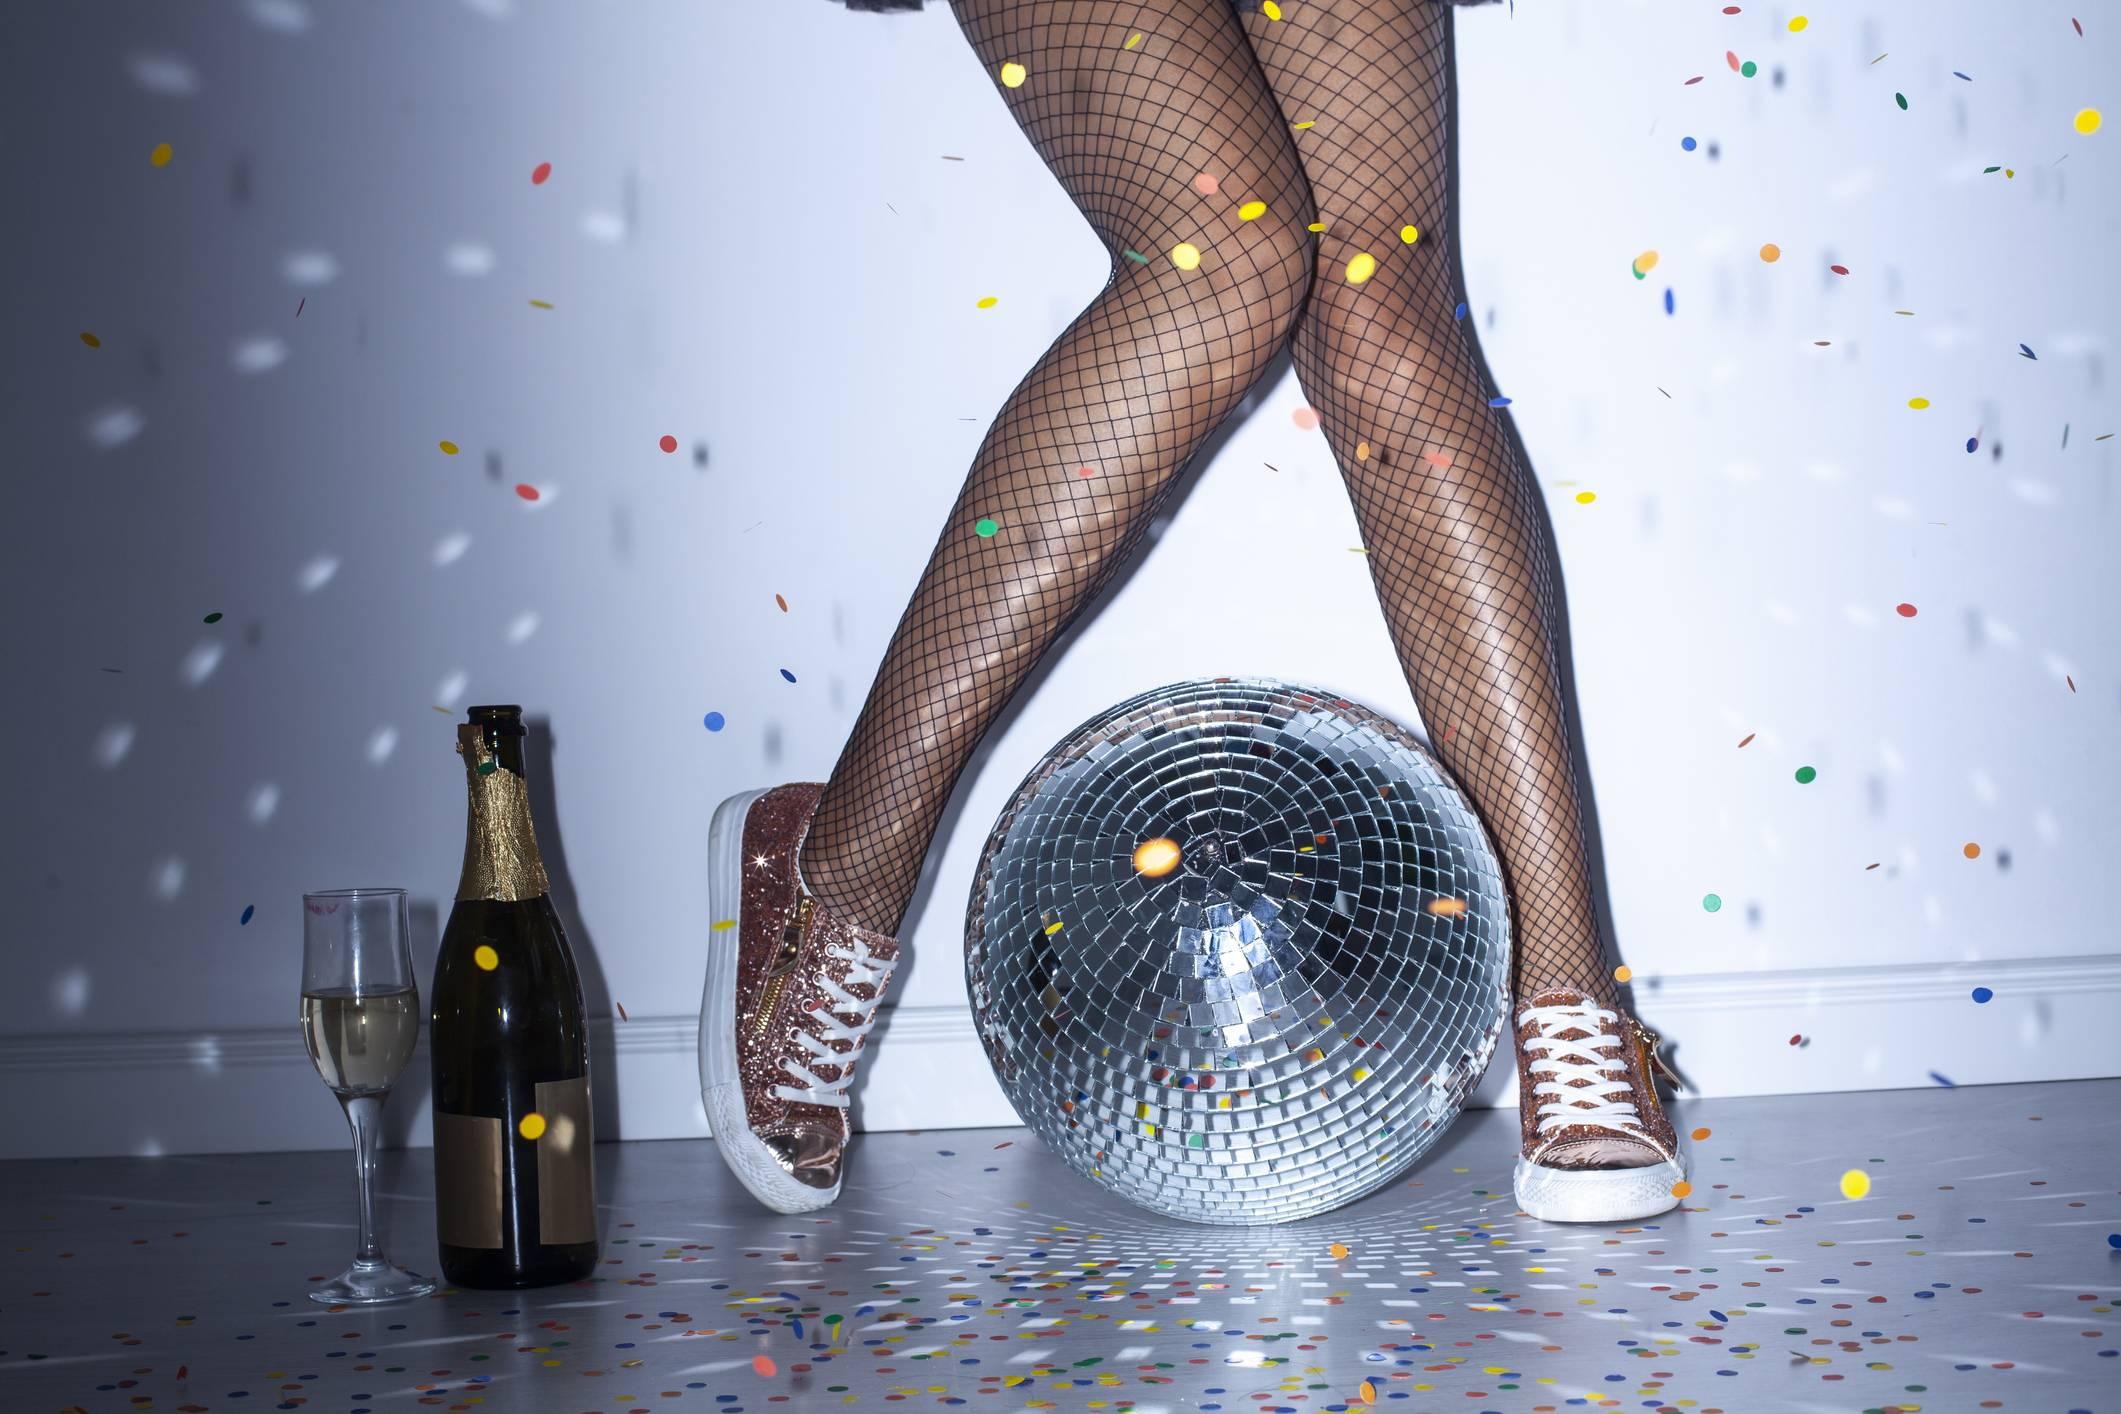 www.juicysantos.com.br - pernas de meia arrastão e vinho e globo de espelhos - como harmonizar vinho com música - harmonizar vinho com música